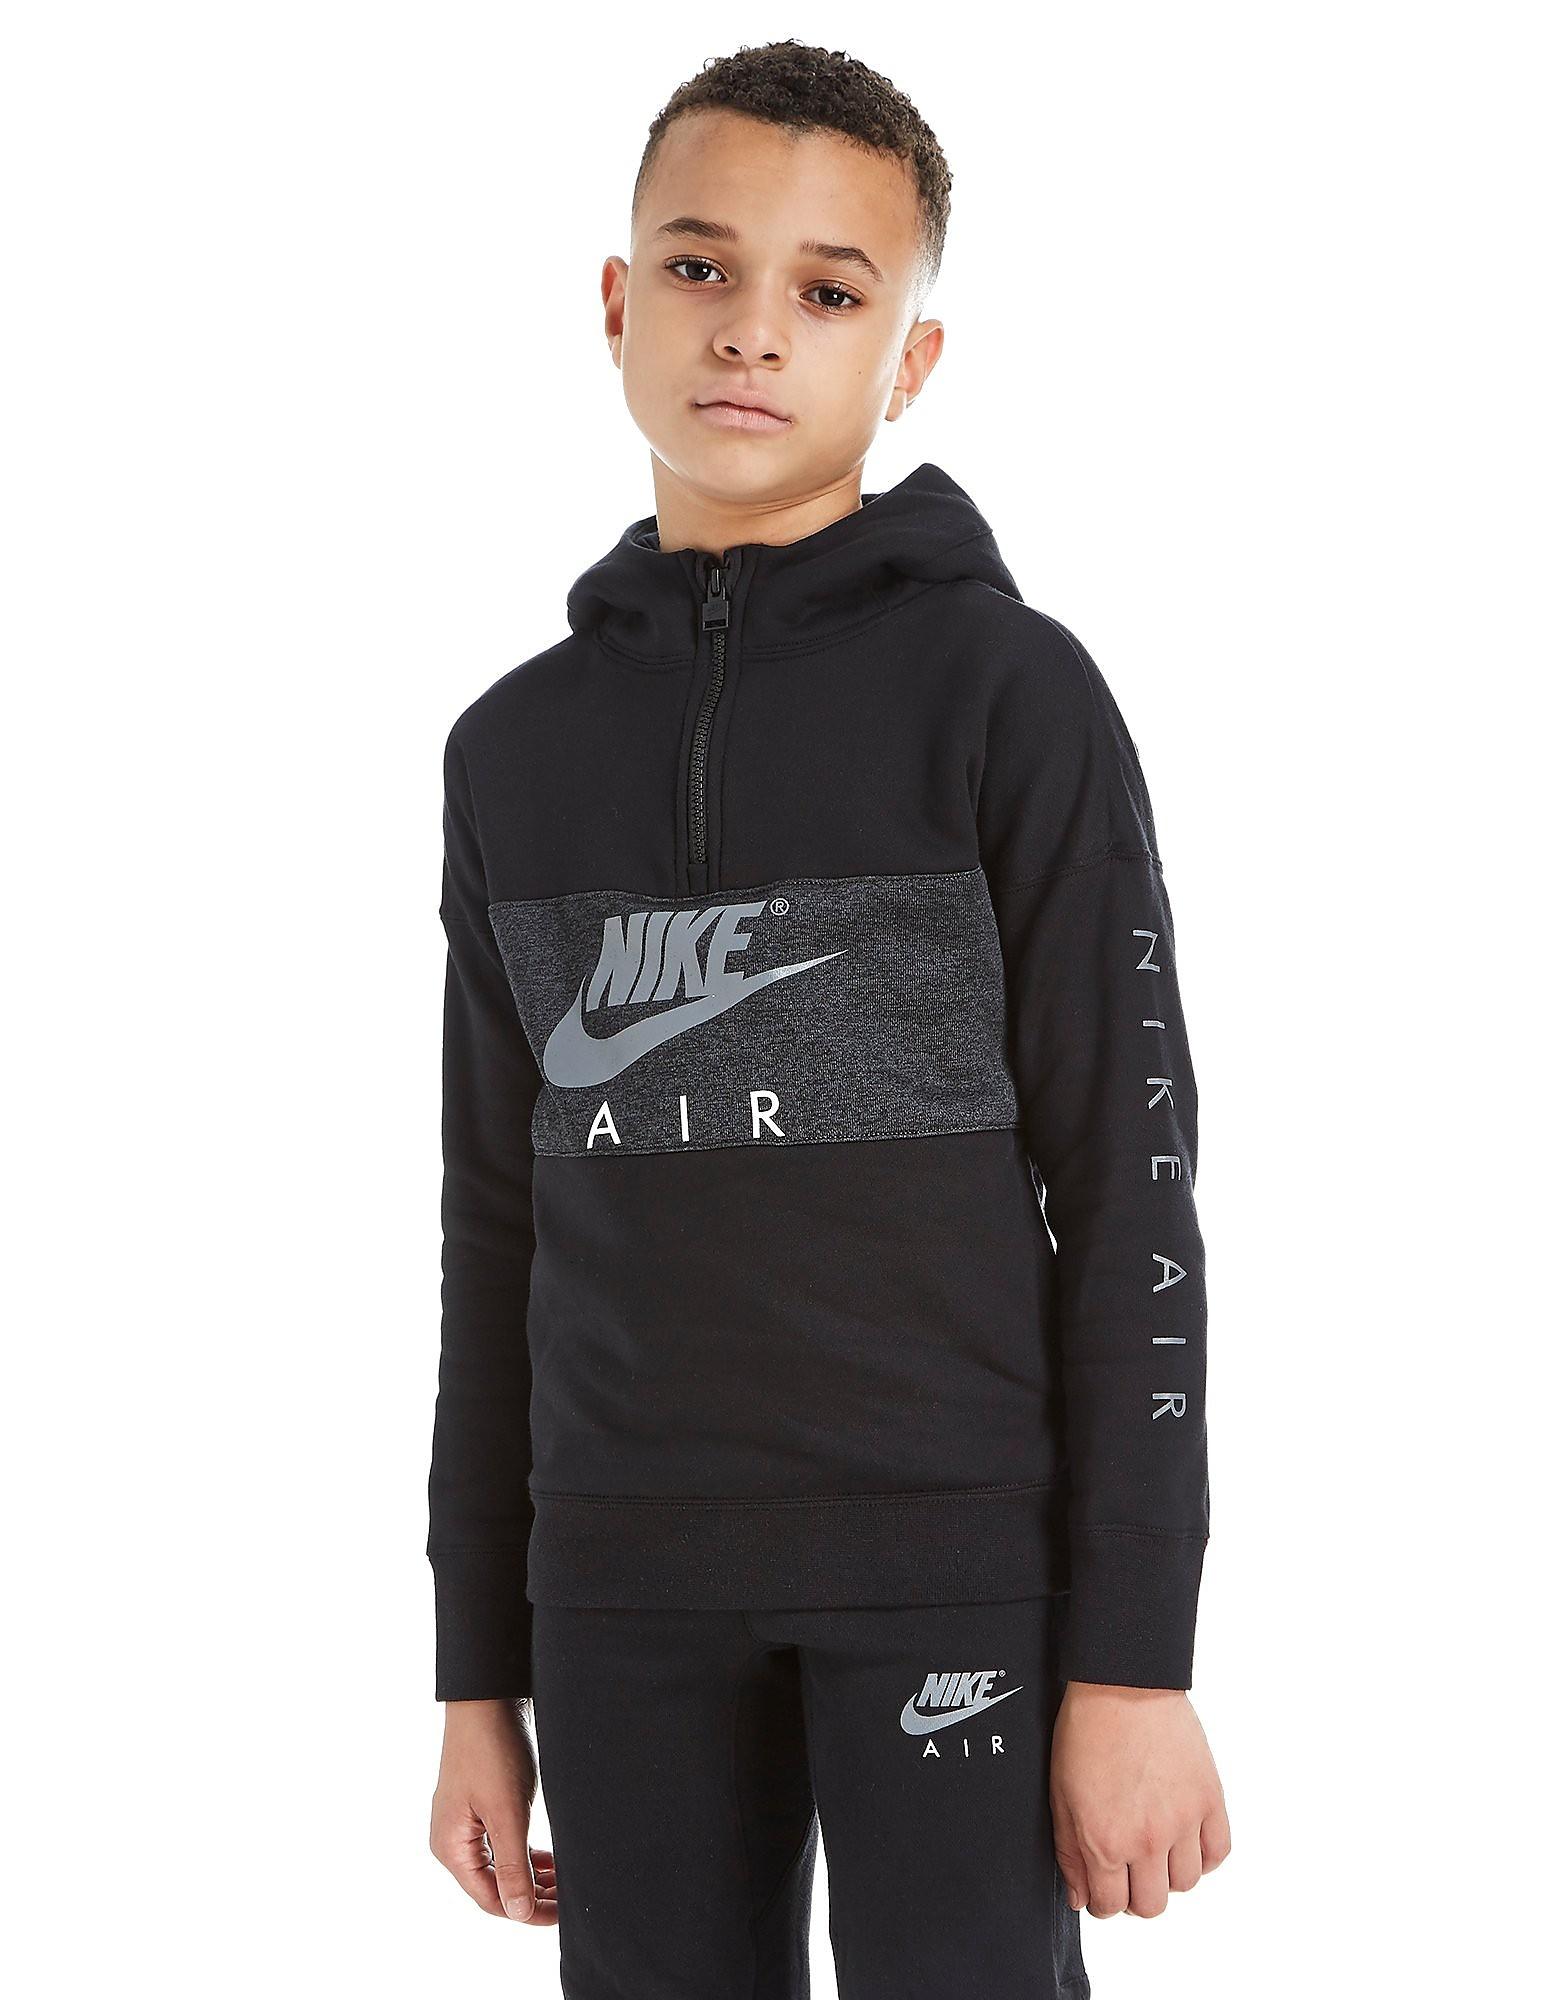 Nike Air Zip Hoody